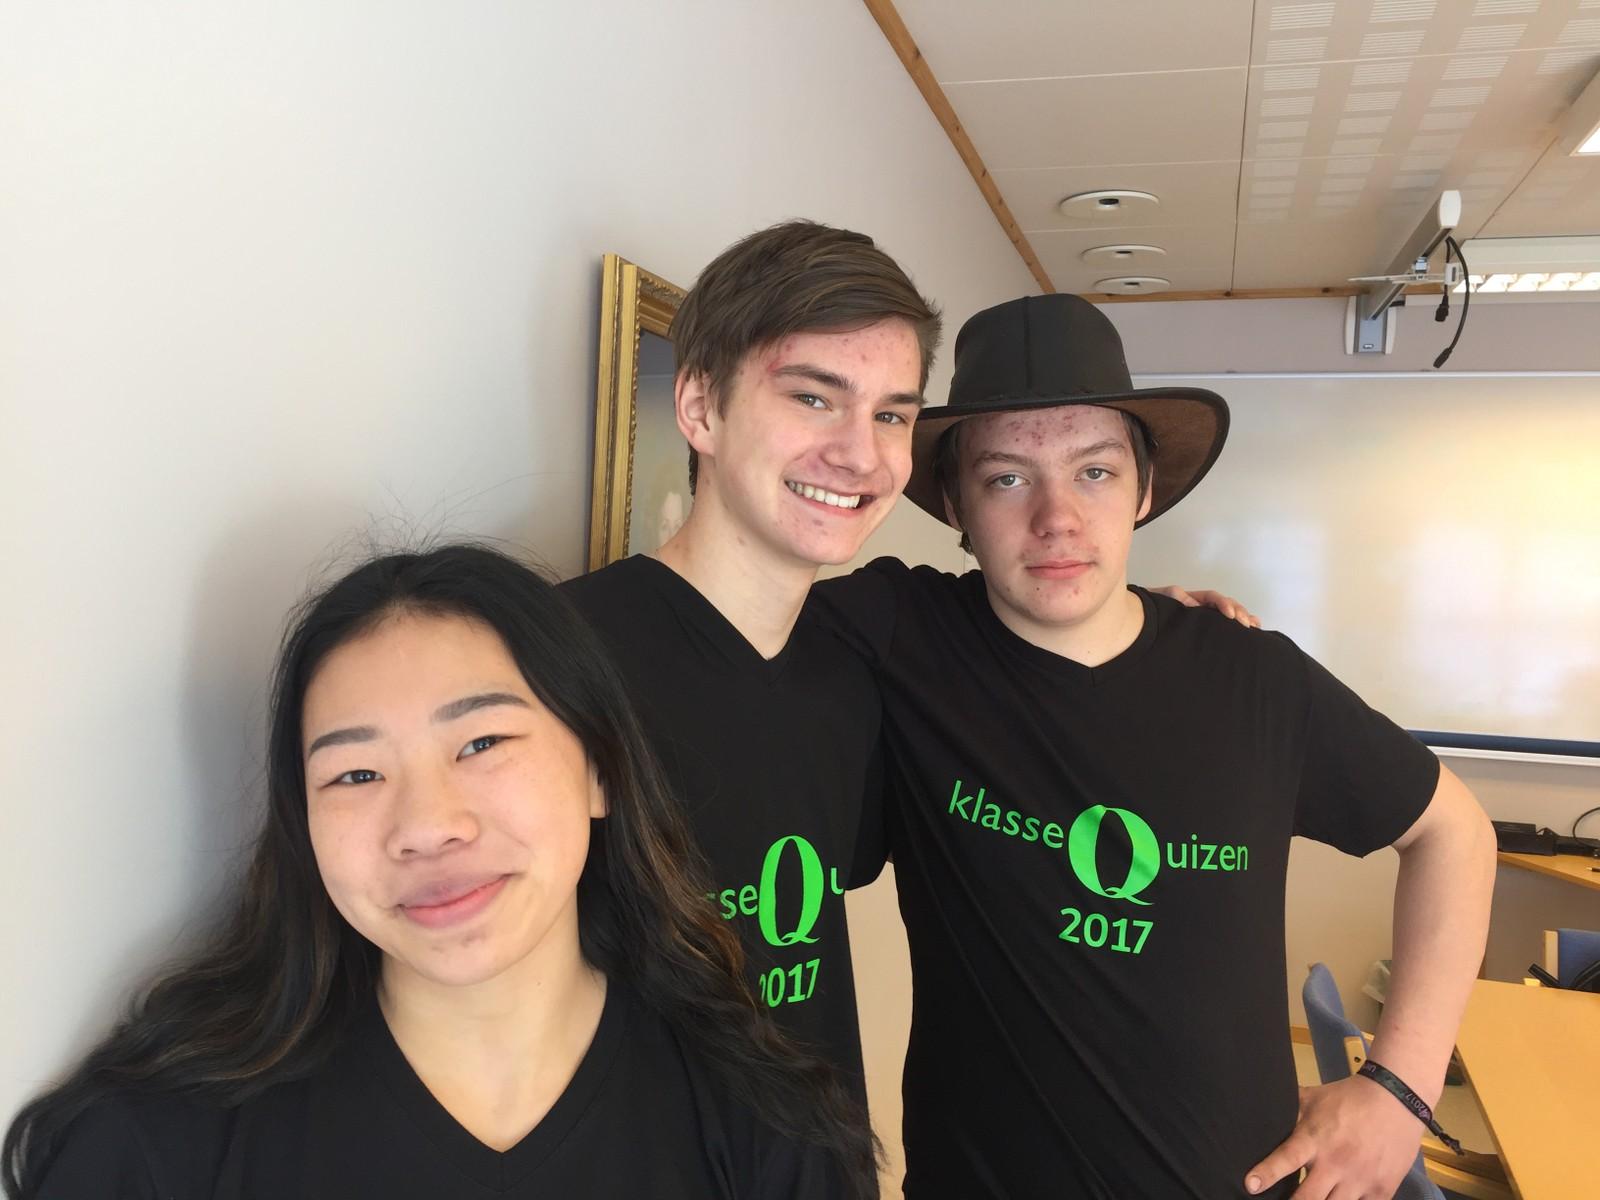 RØYRVIK OPPVEKSTSENTER: Fikk sju poeng i Klassequizen.  Fra venstre: Laila Louise Joma Rustad, Albert Haukø Devik og Fredrik Vatshaug Solli.